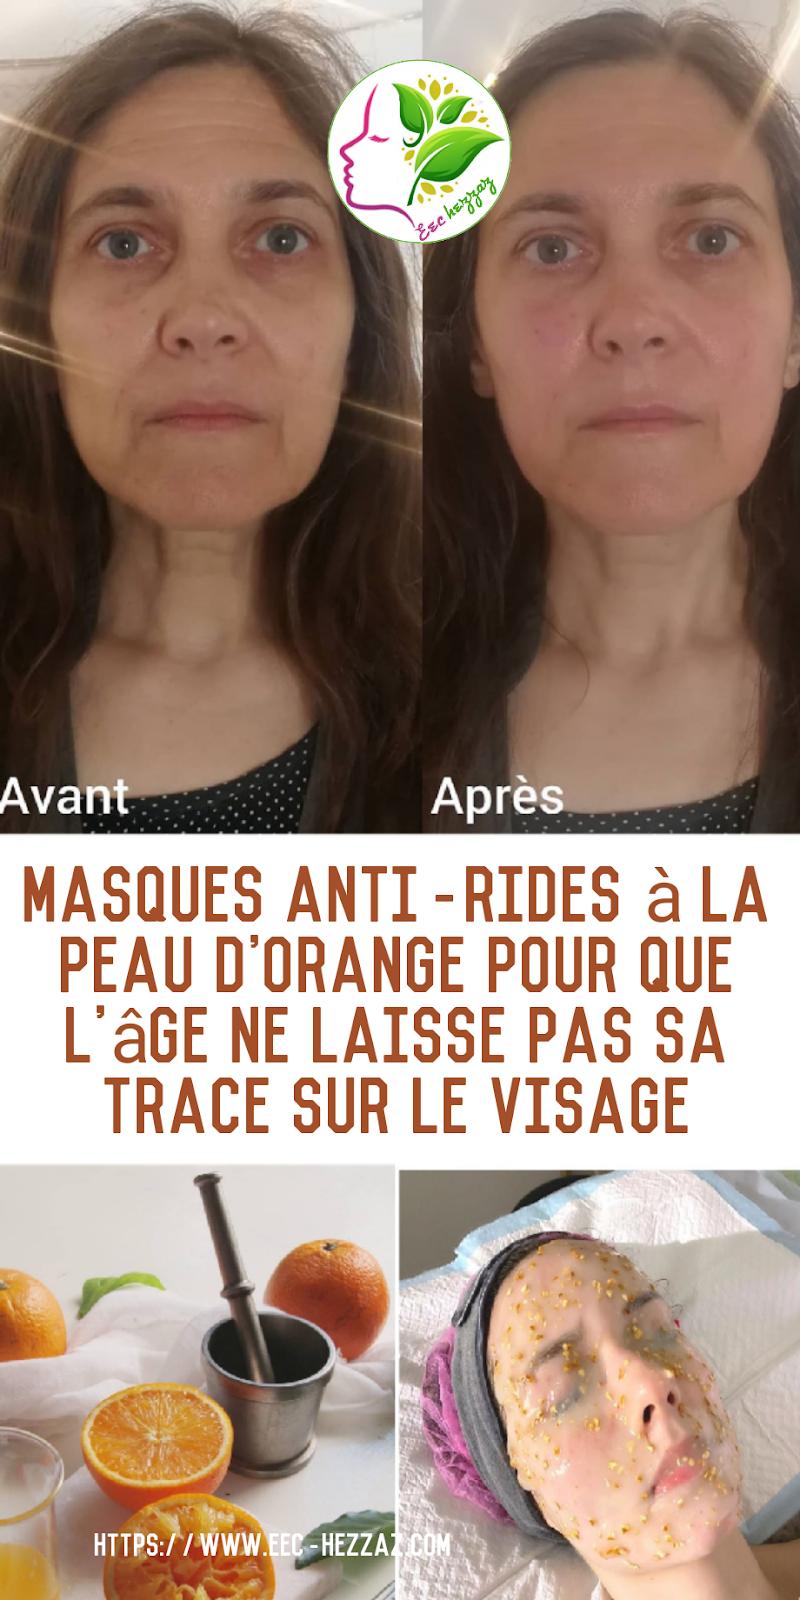 Masques anti-rides à la peau d'orange pour que l'âge ne laisse pas sa trace sur le visage